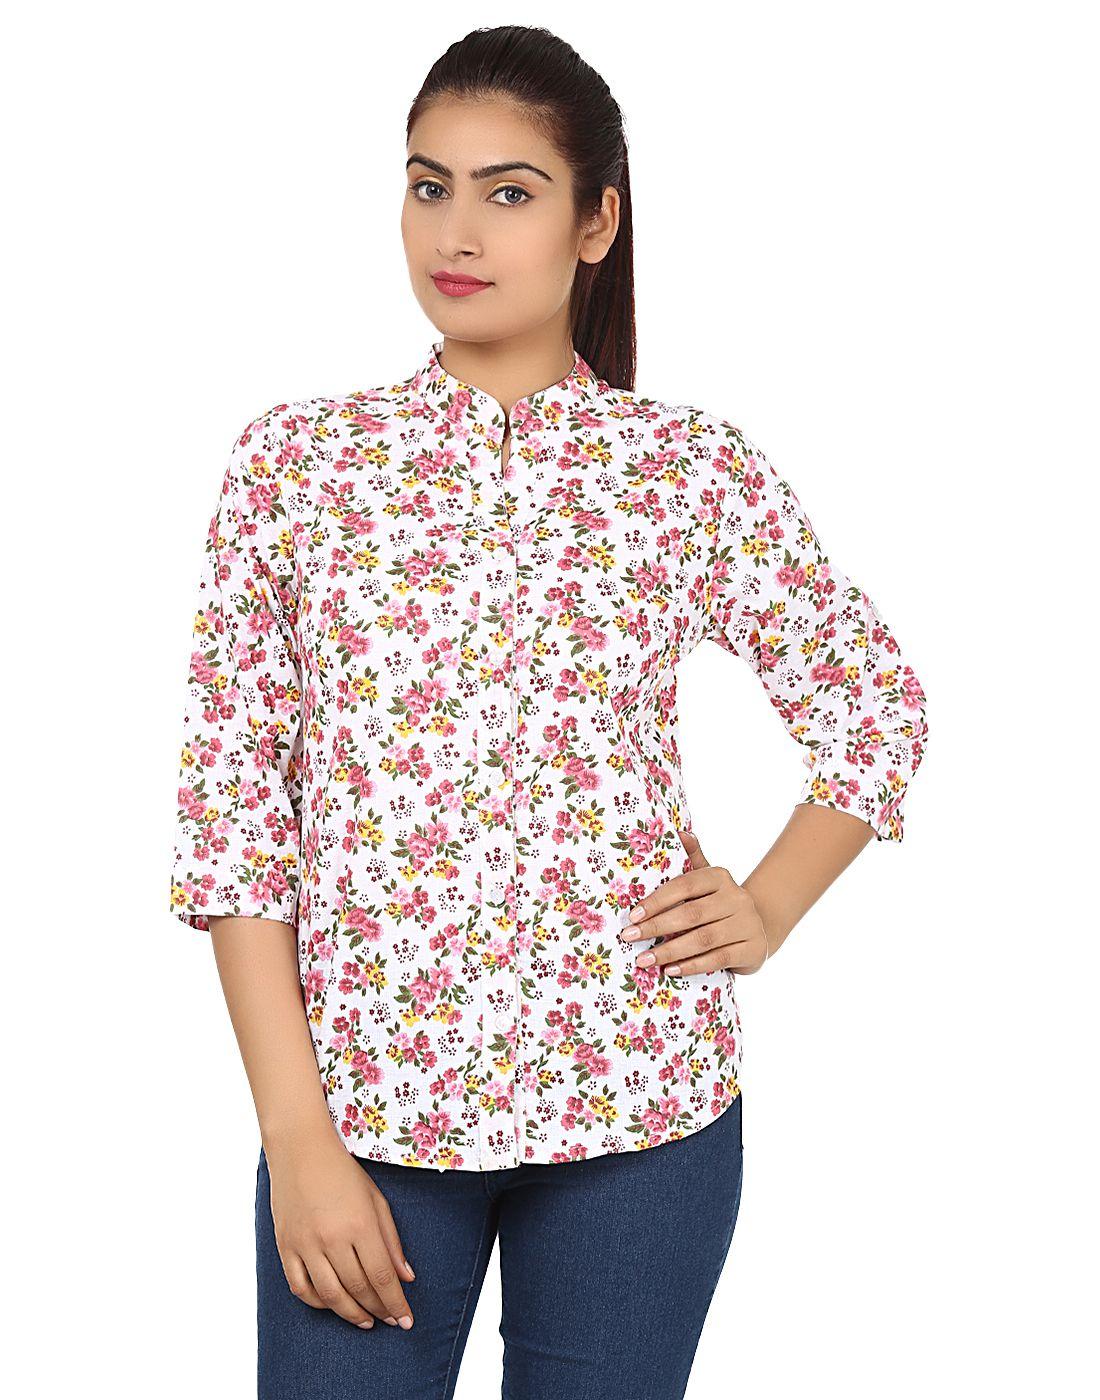 Vimlon Multi Color Cotton Shirts